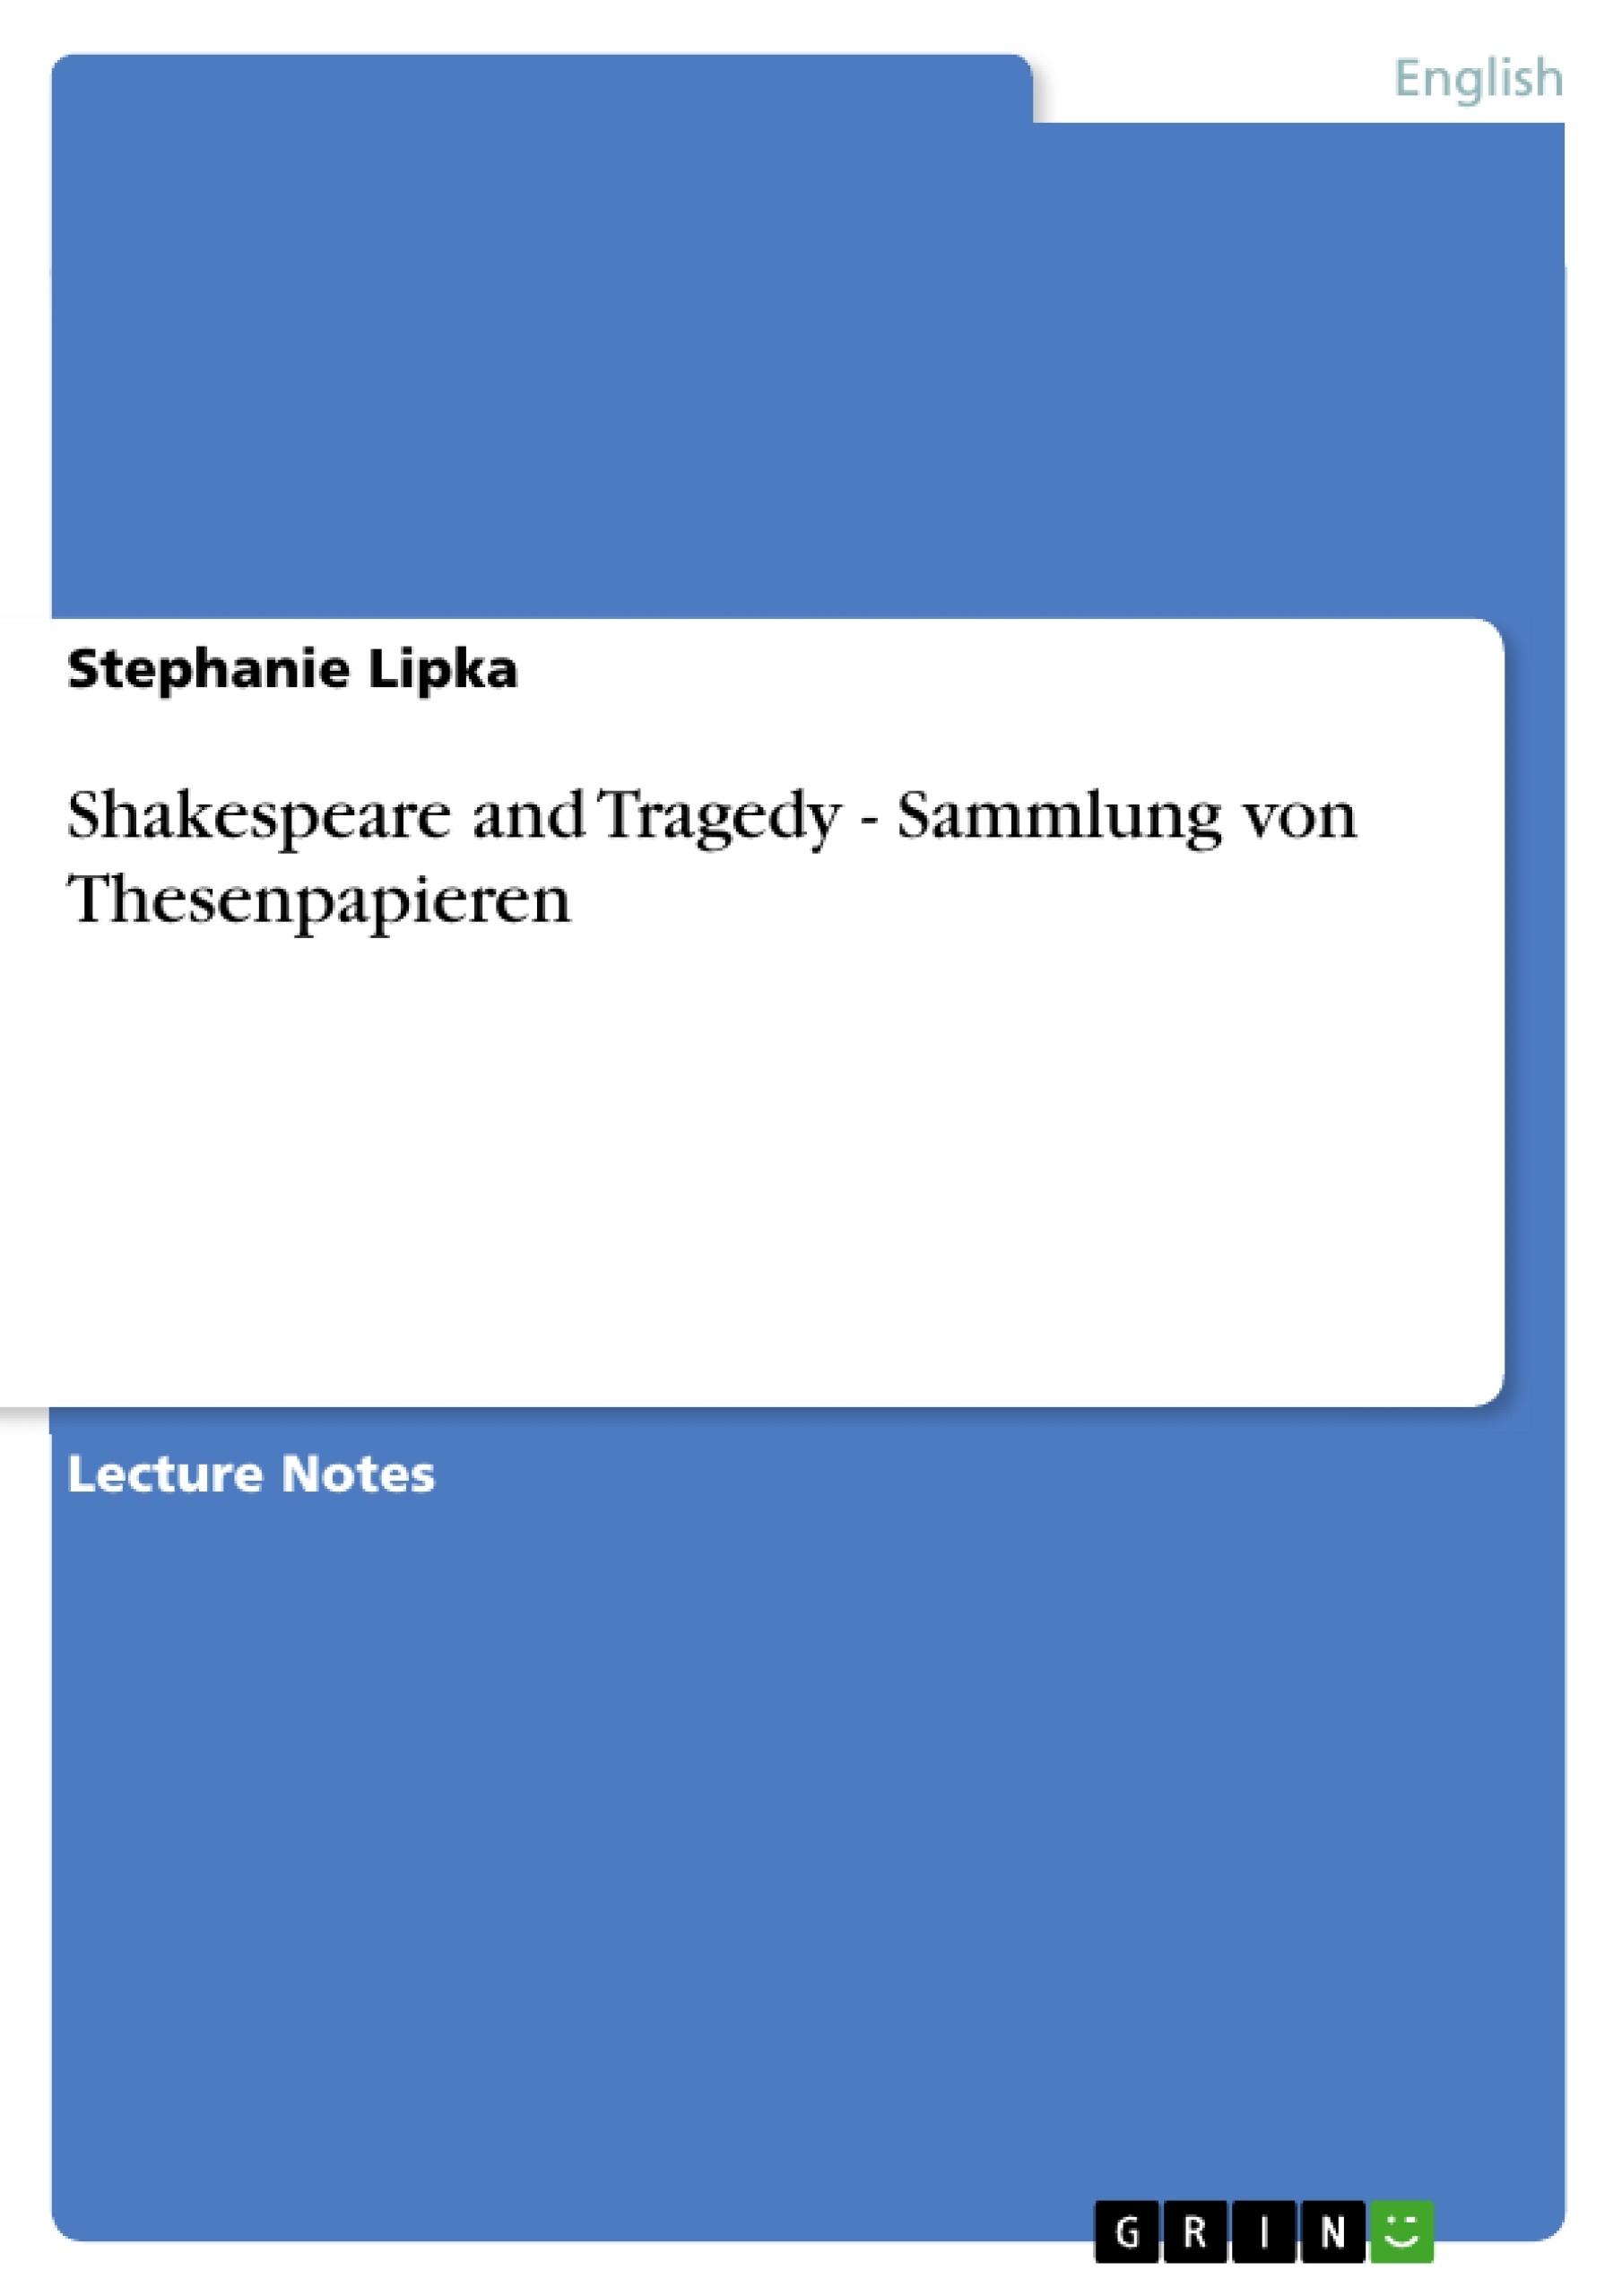 Title: Shakespeare and Tragedy - Sammlung von Thesenpapieren